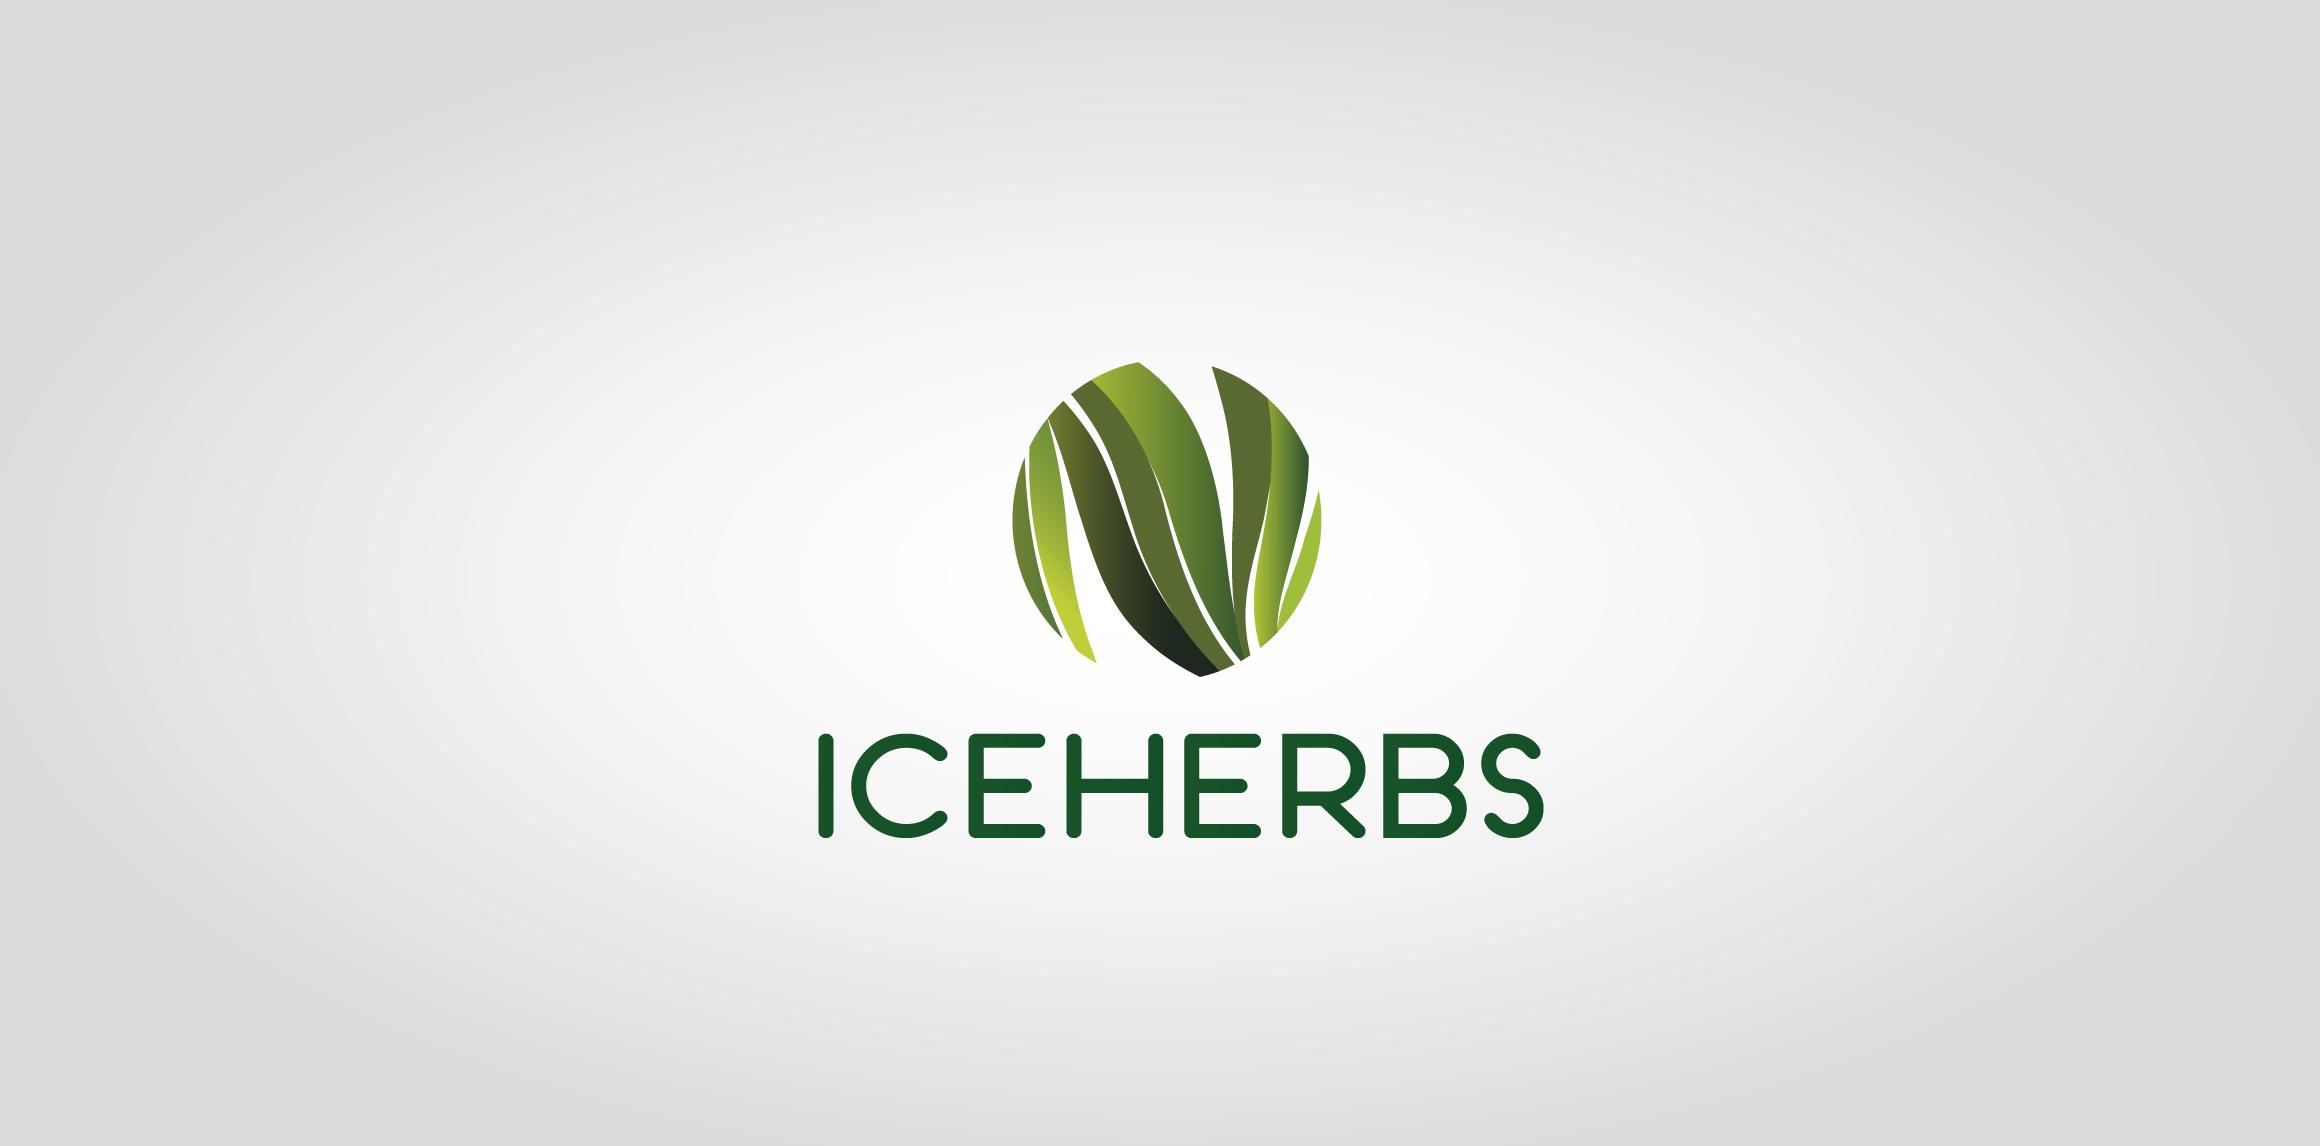 Iceherbs